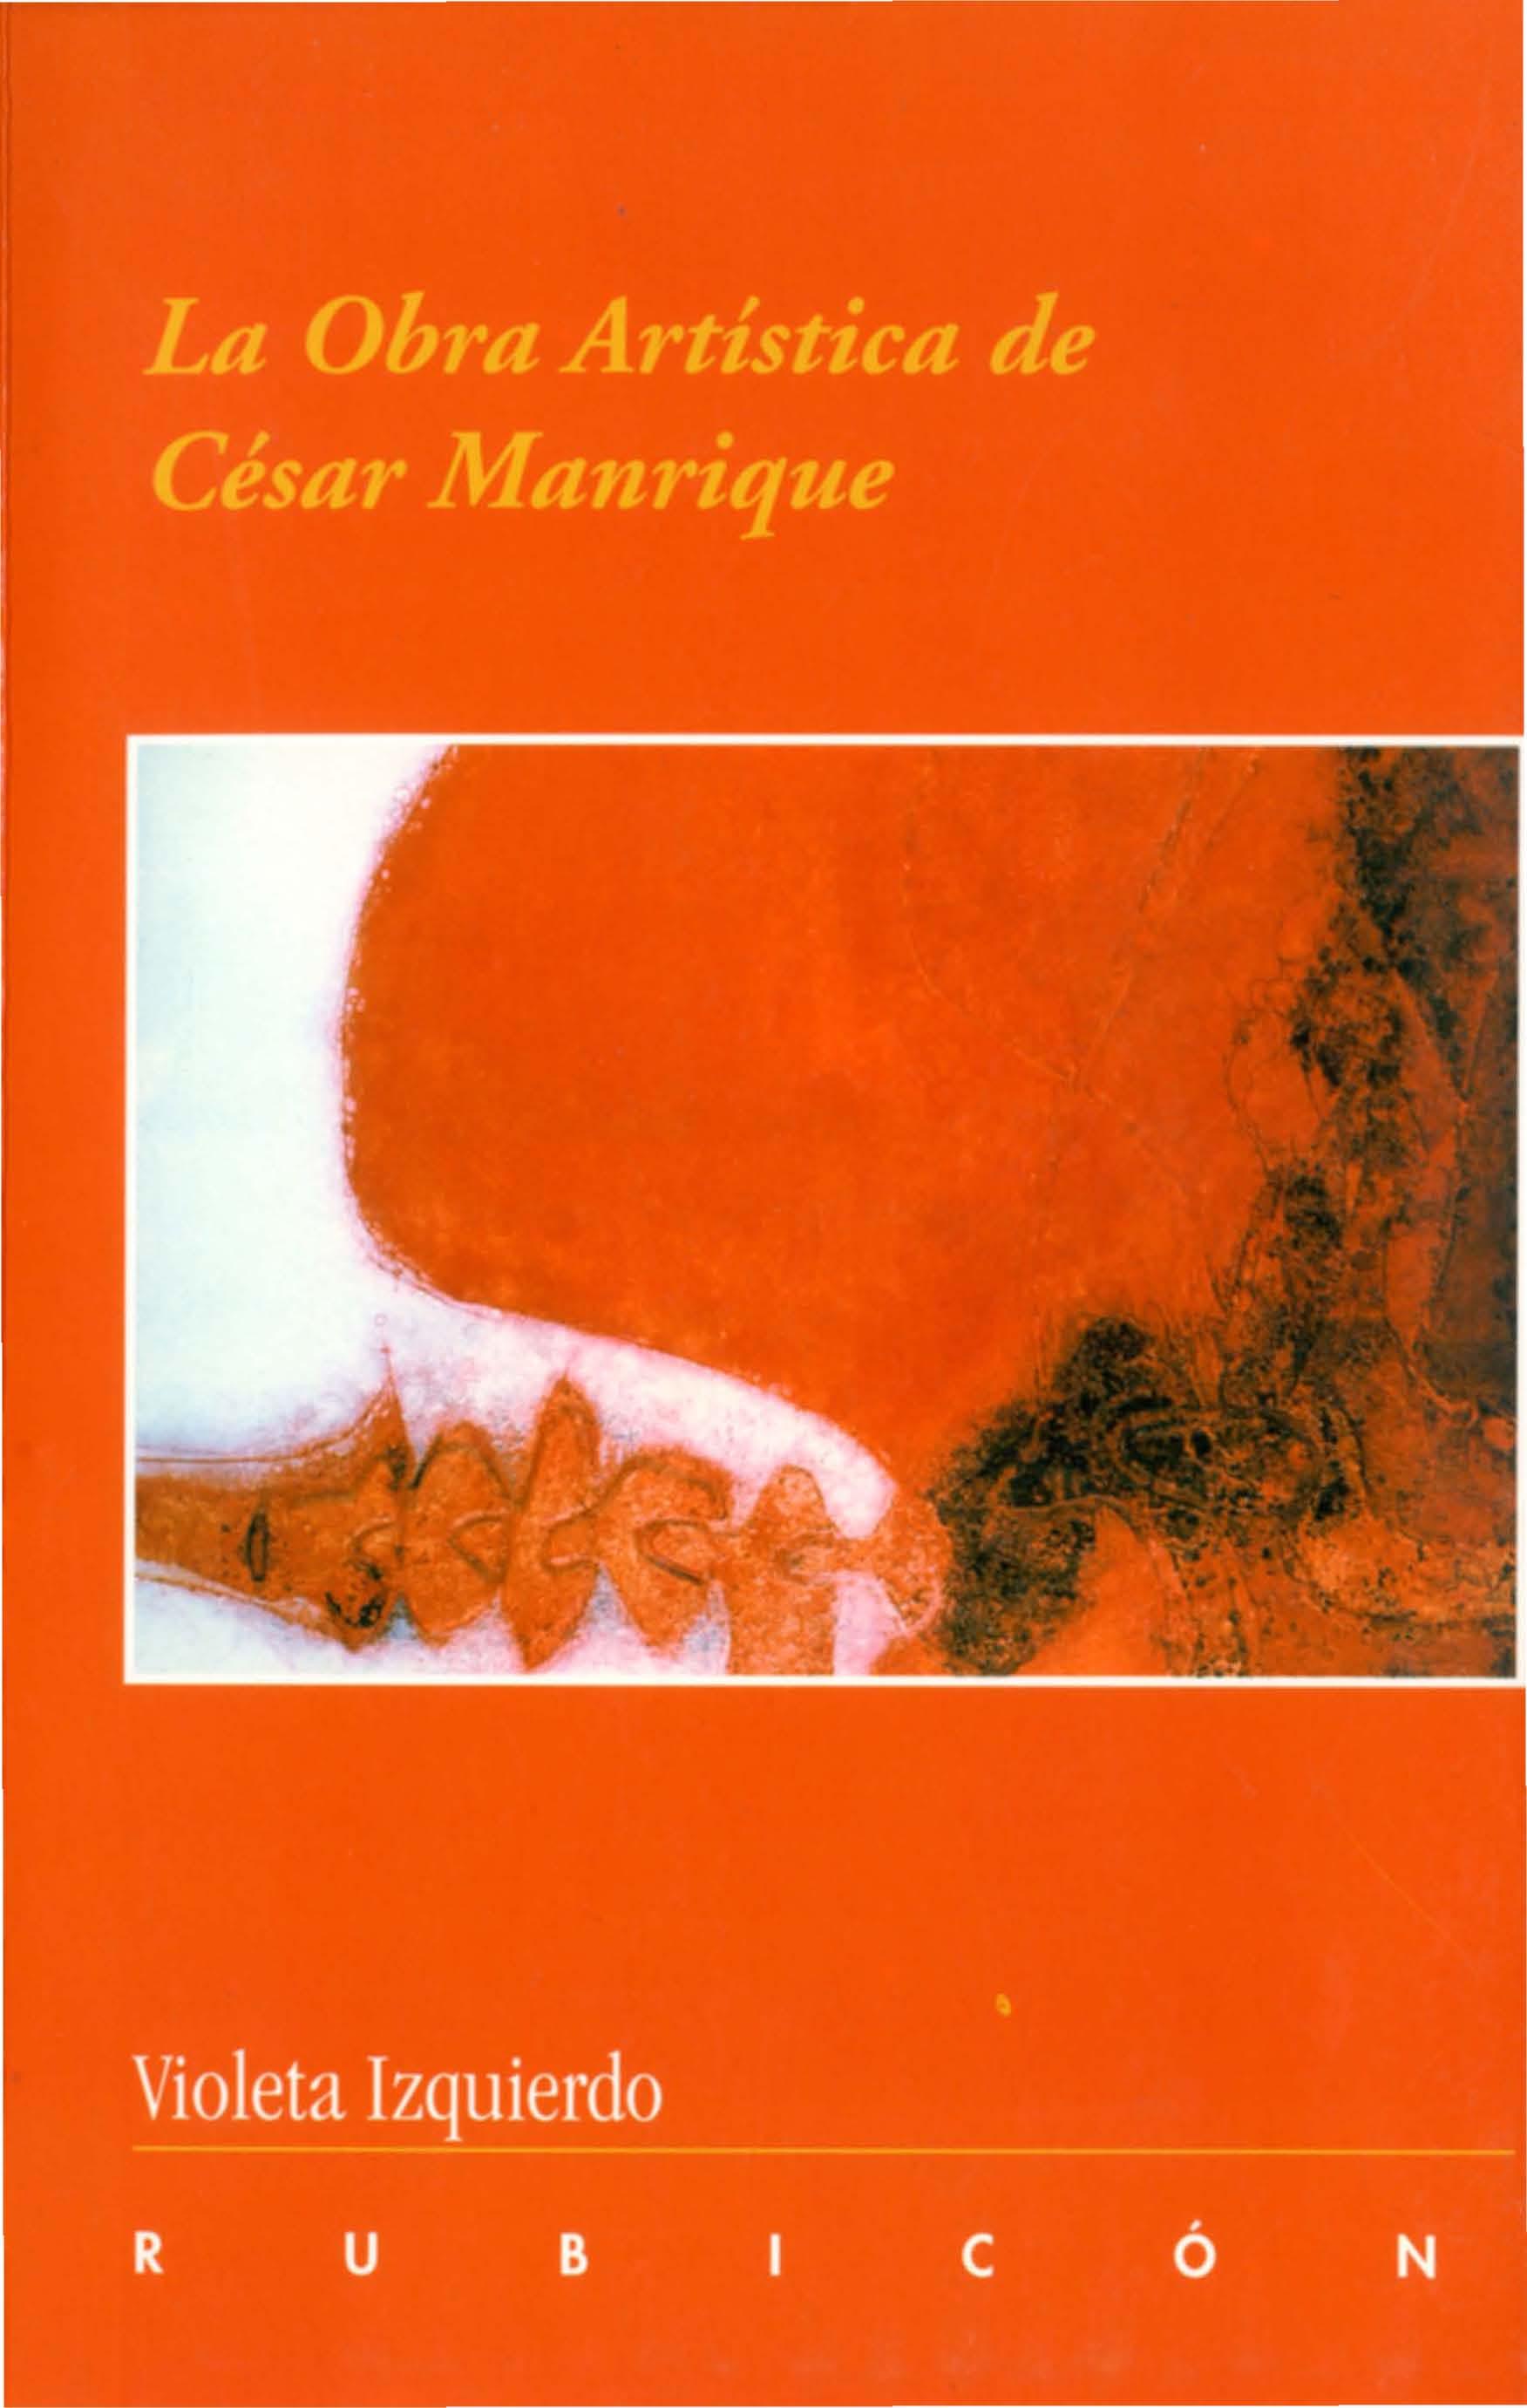 La obra artística de César Manrique